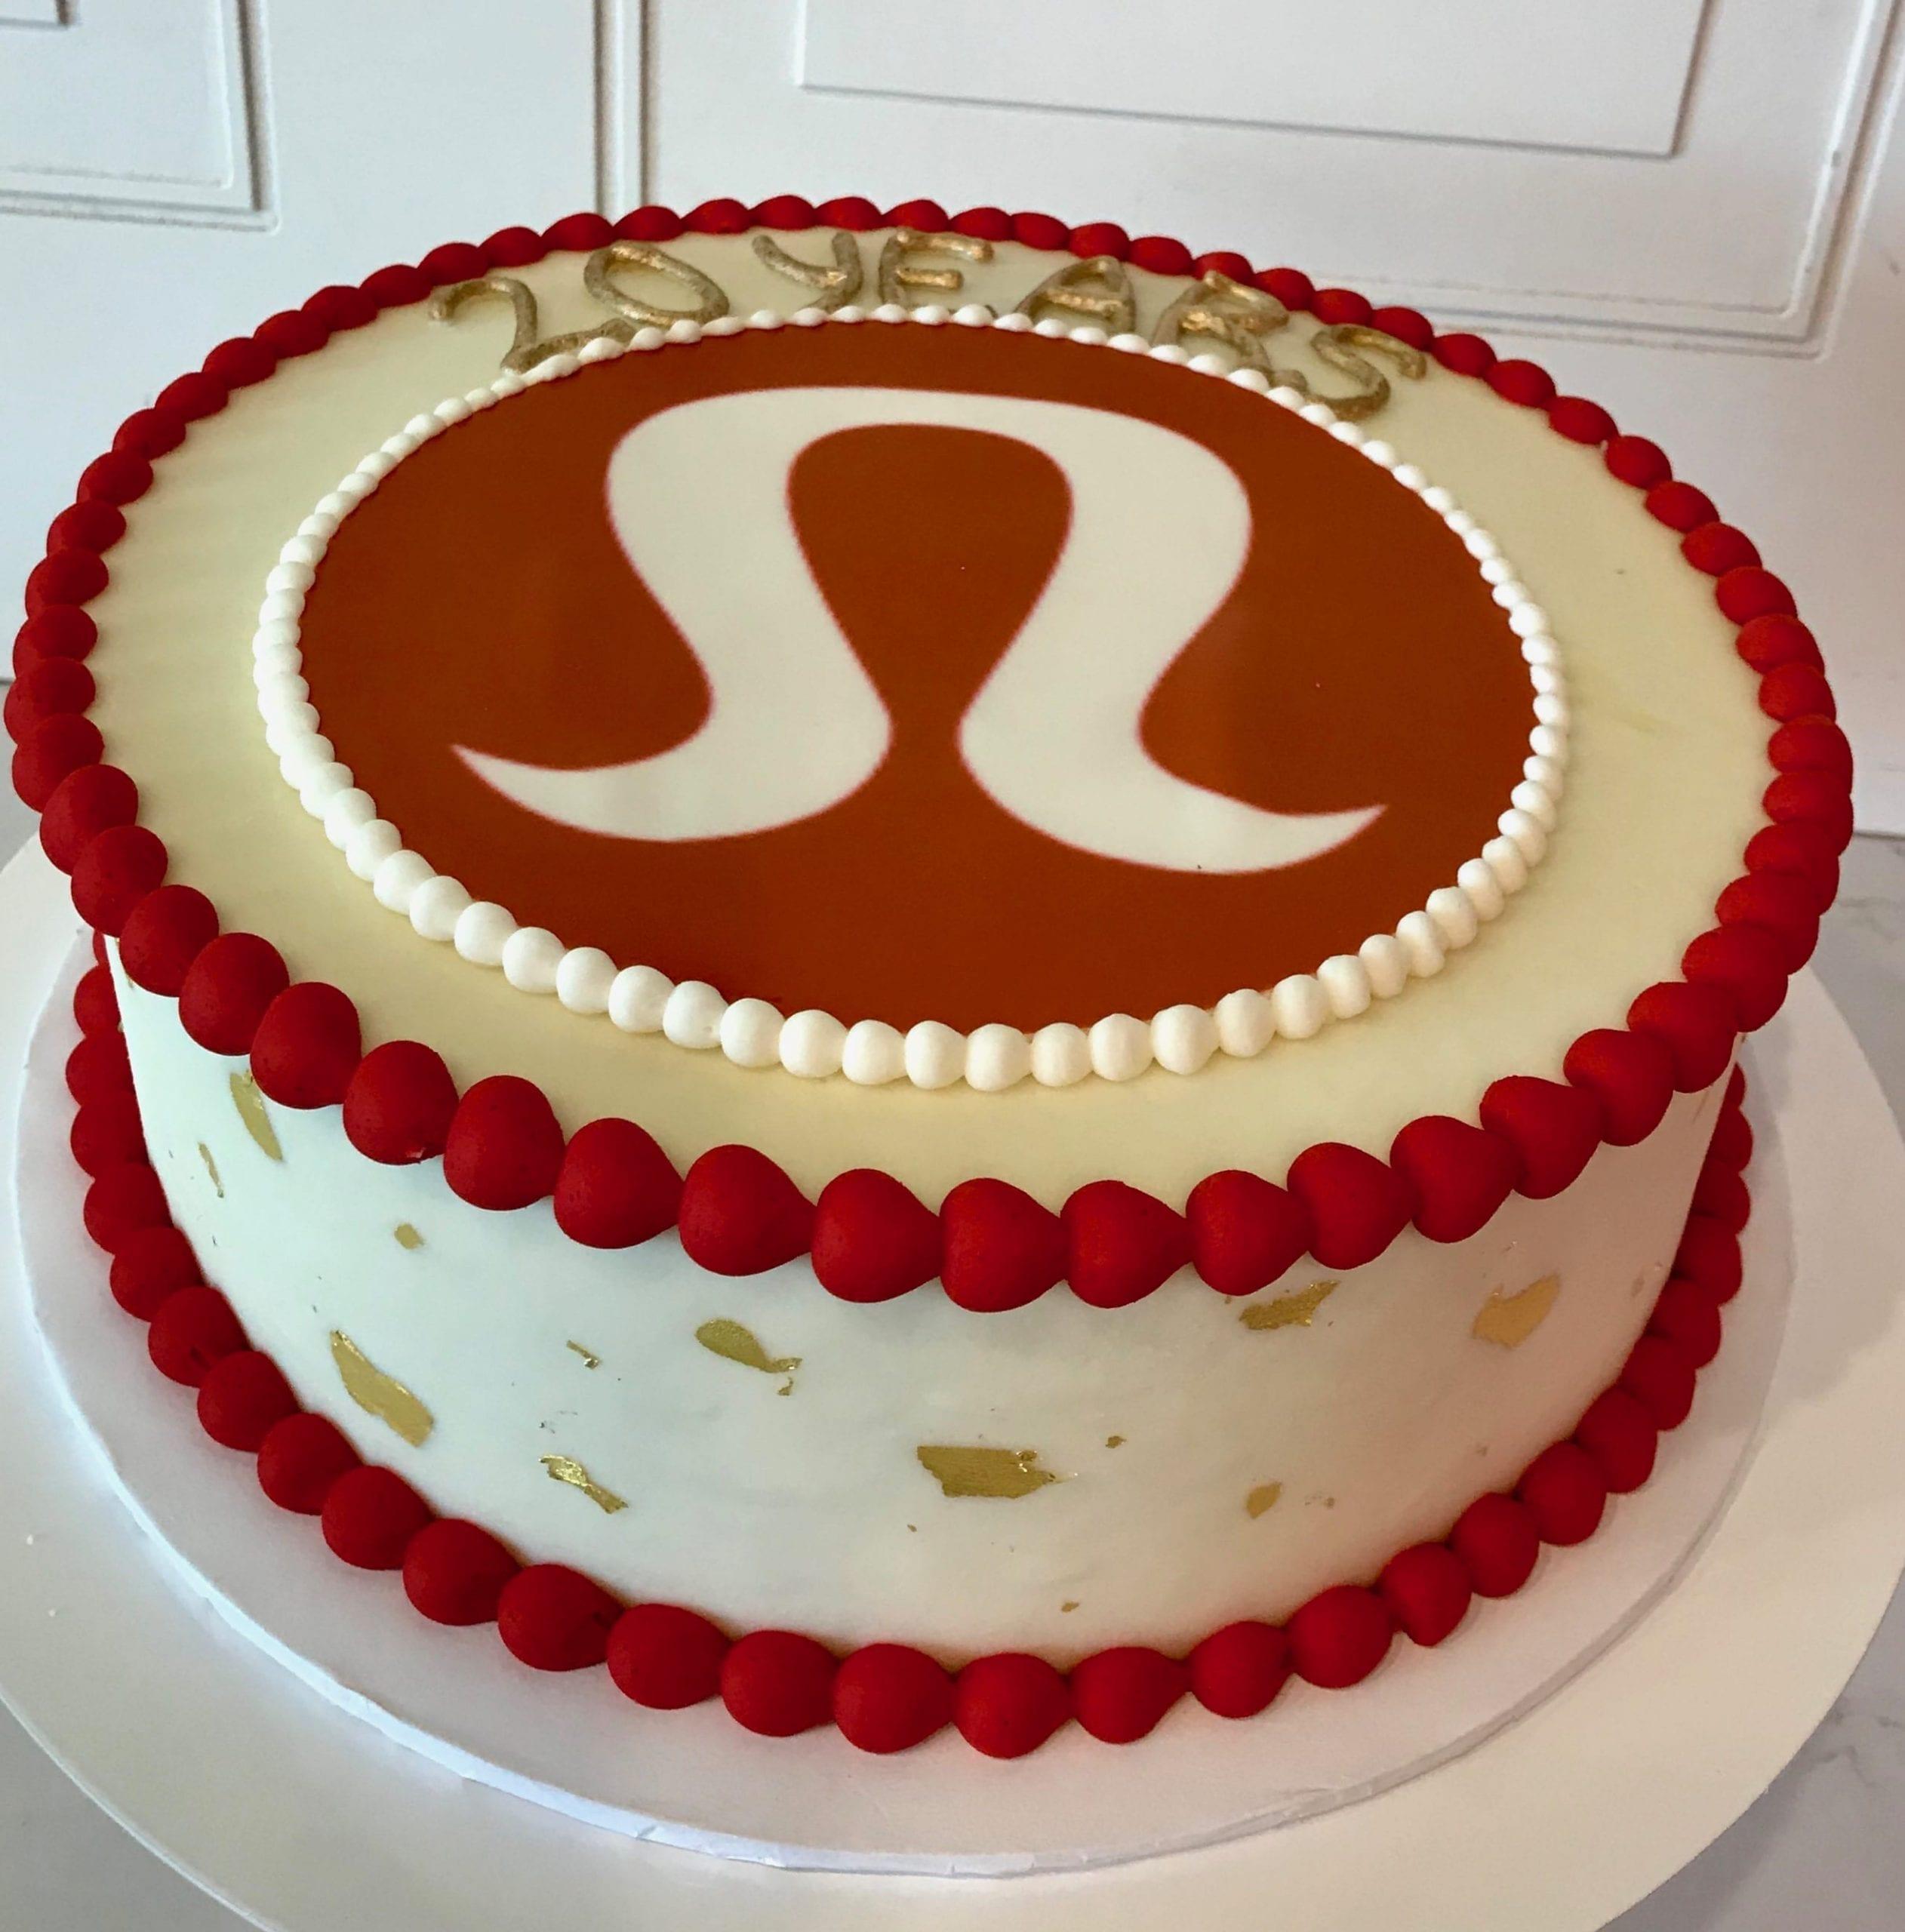 Lululemon Cake   3 Sweet Girls Cakery